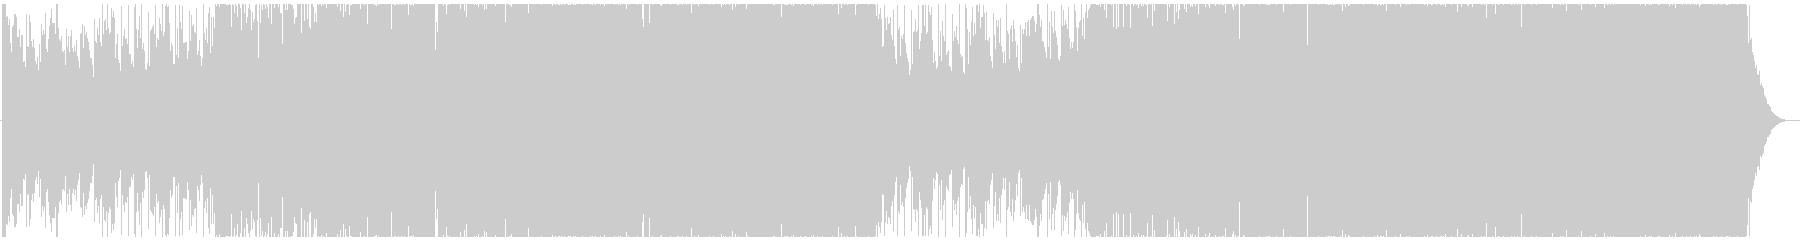 サックスが印象的なマイルド系ハウスの未再生の波形